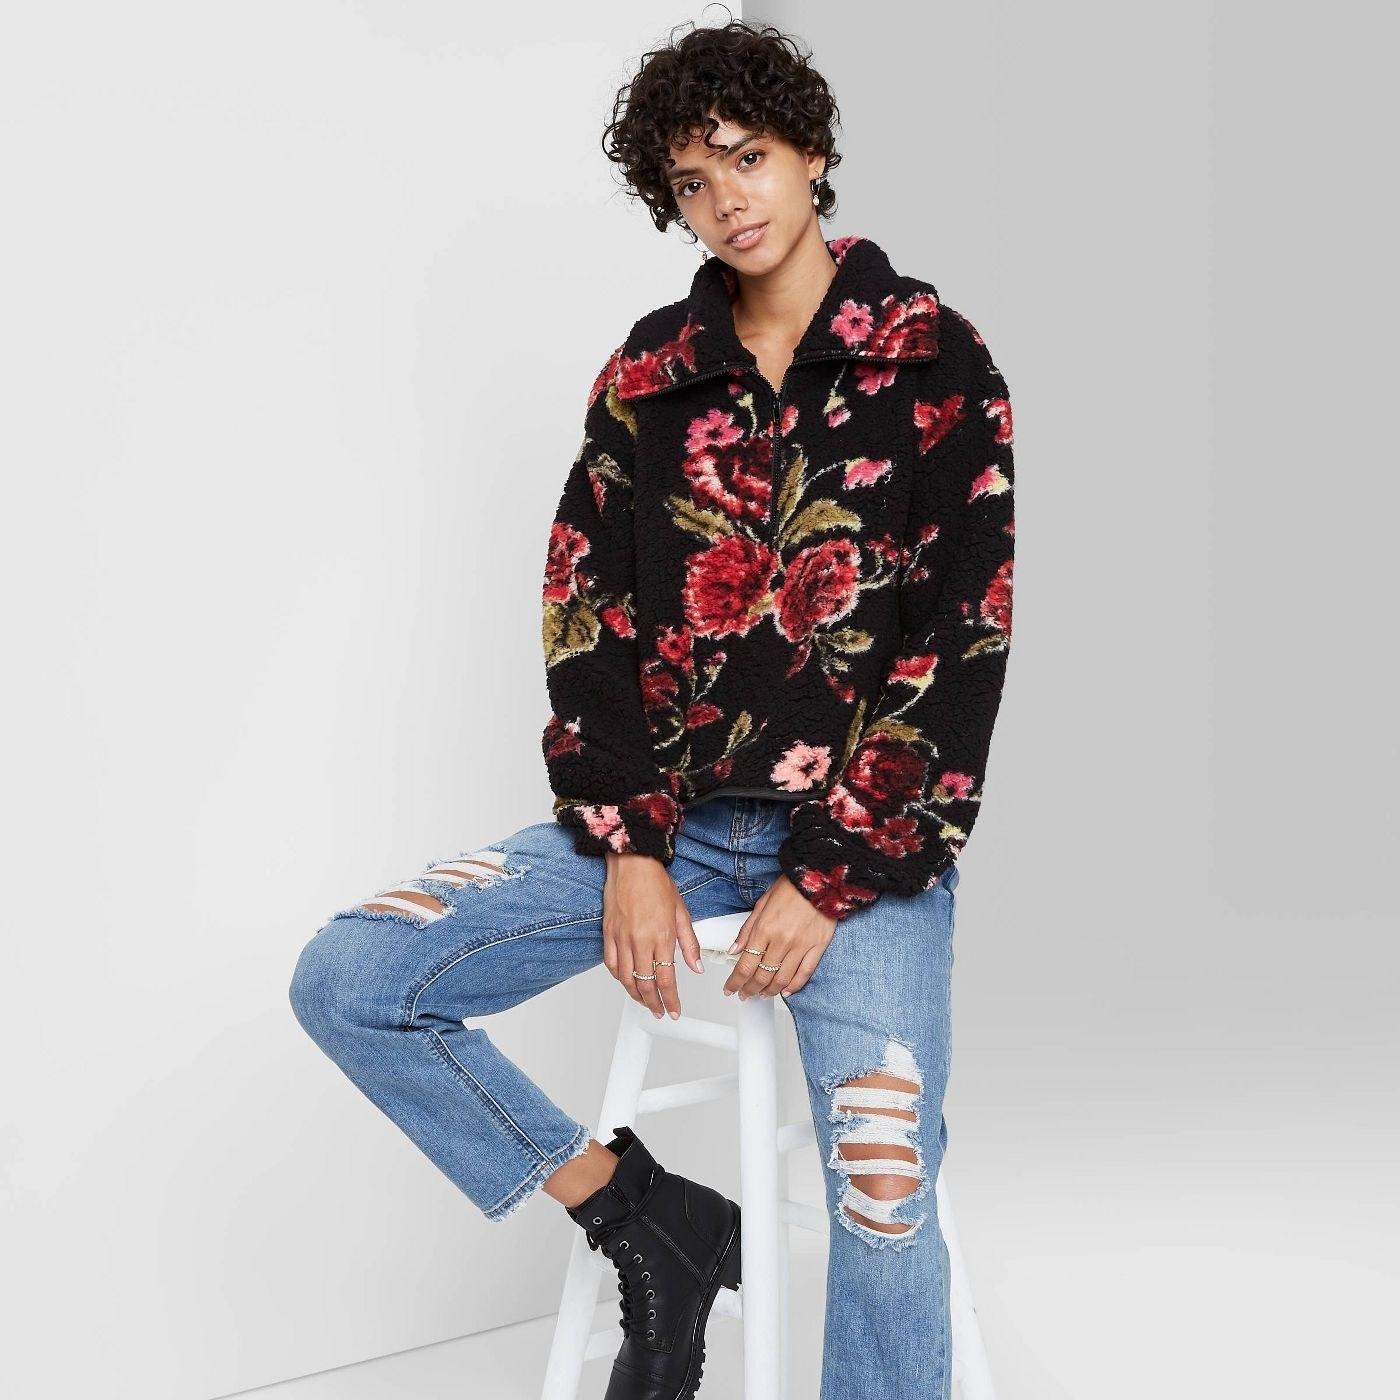 Model in quarter zip sherpa pullover